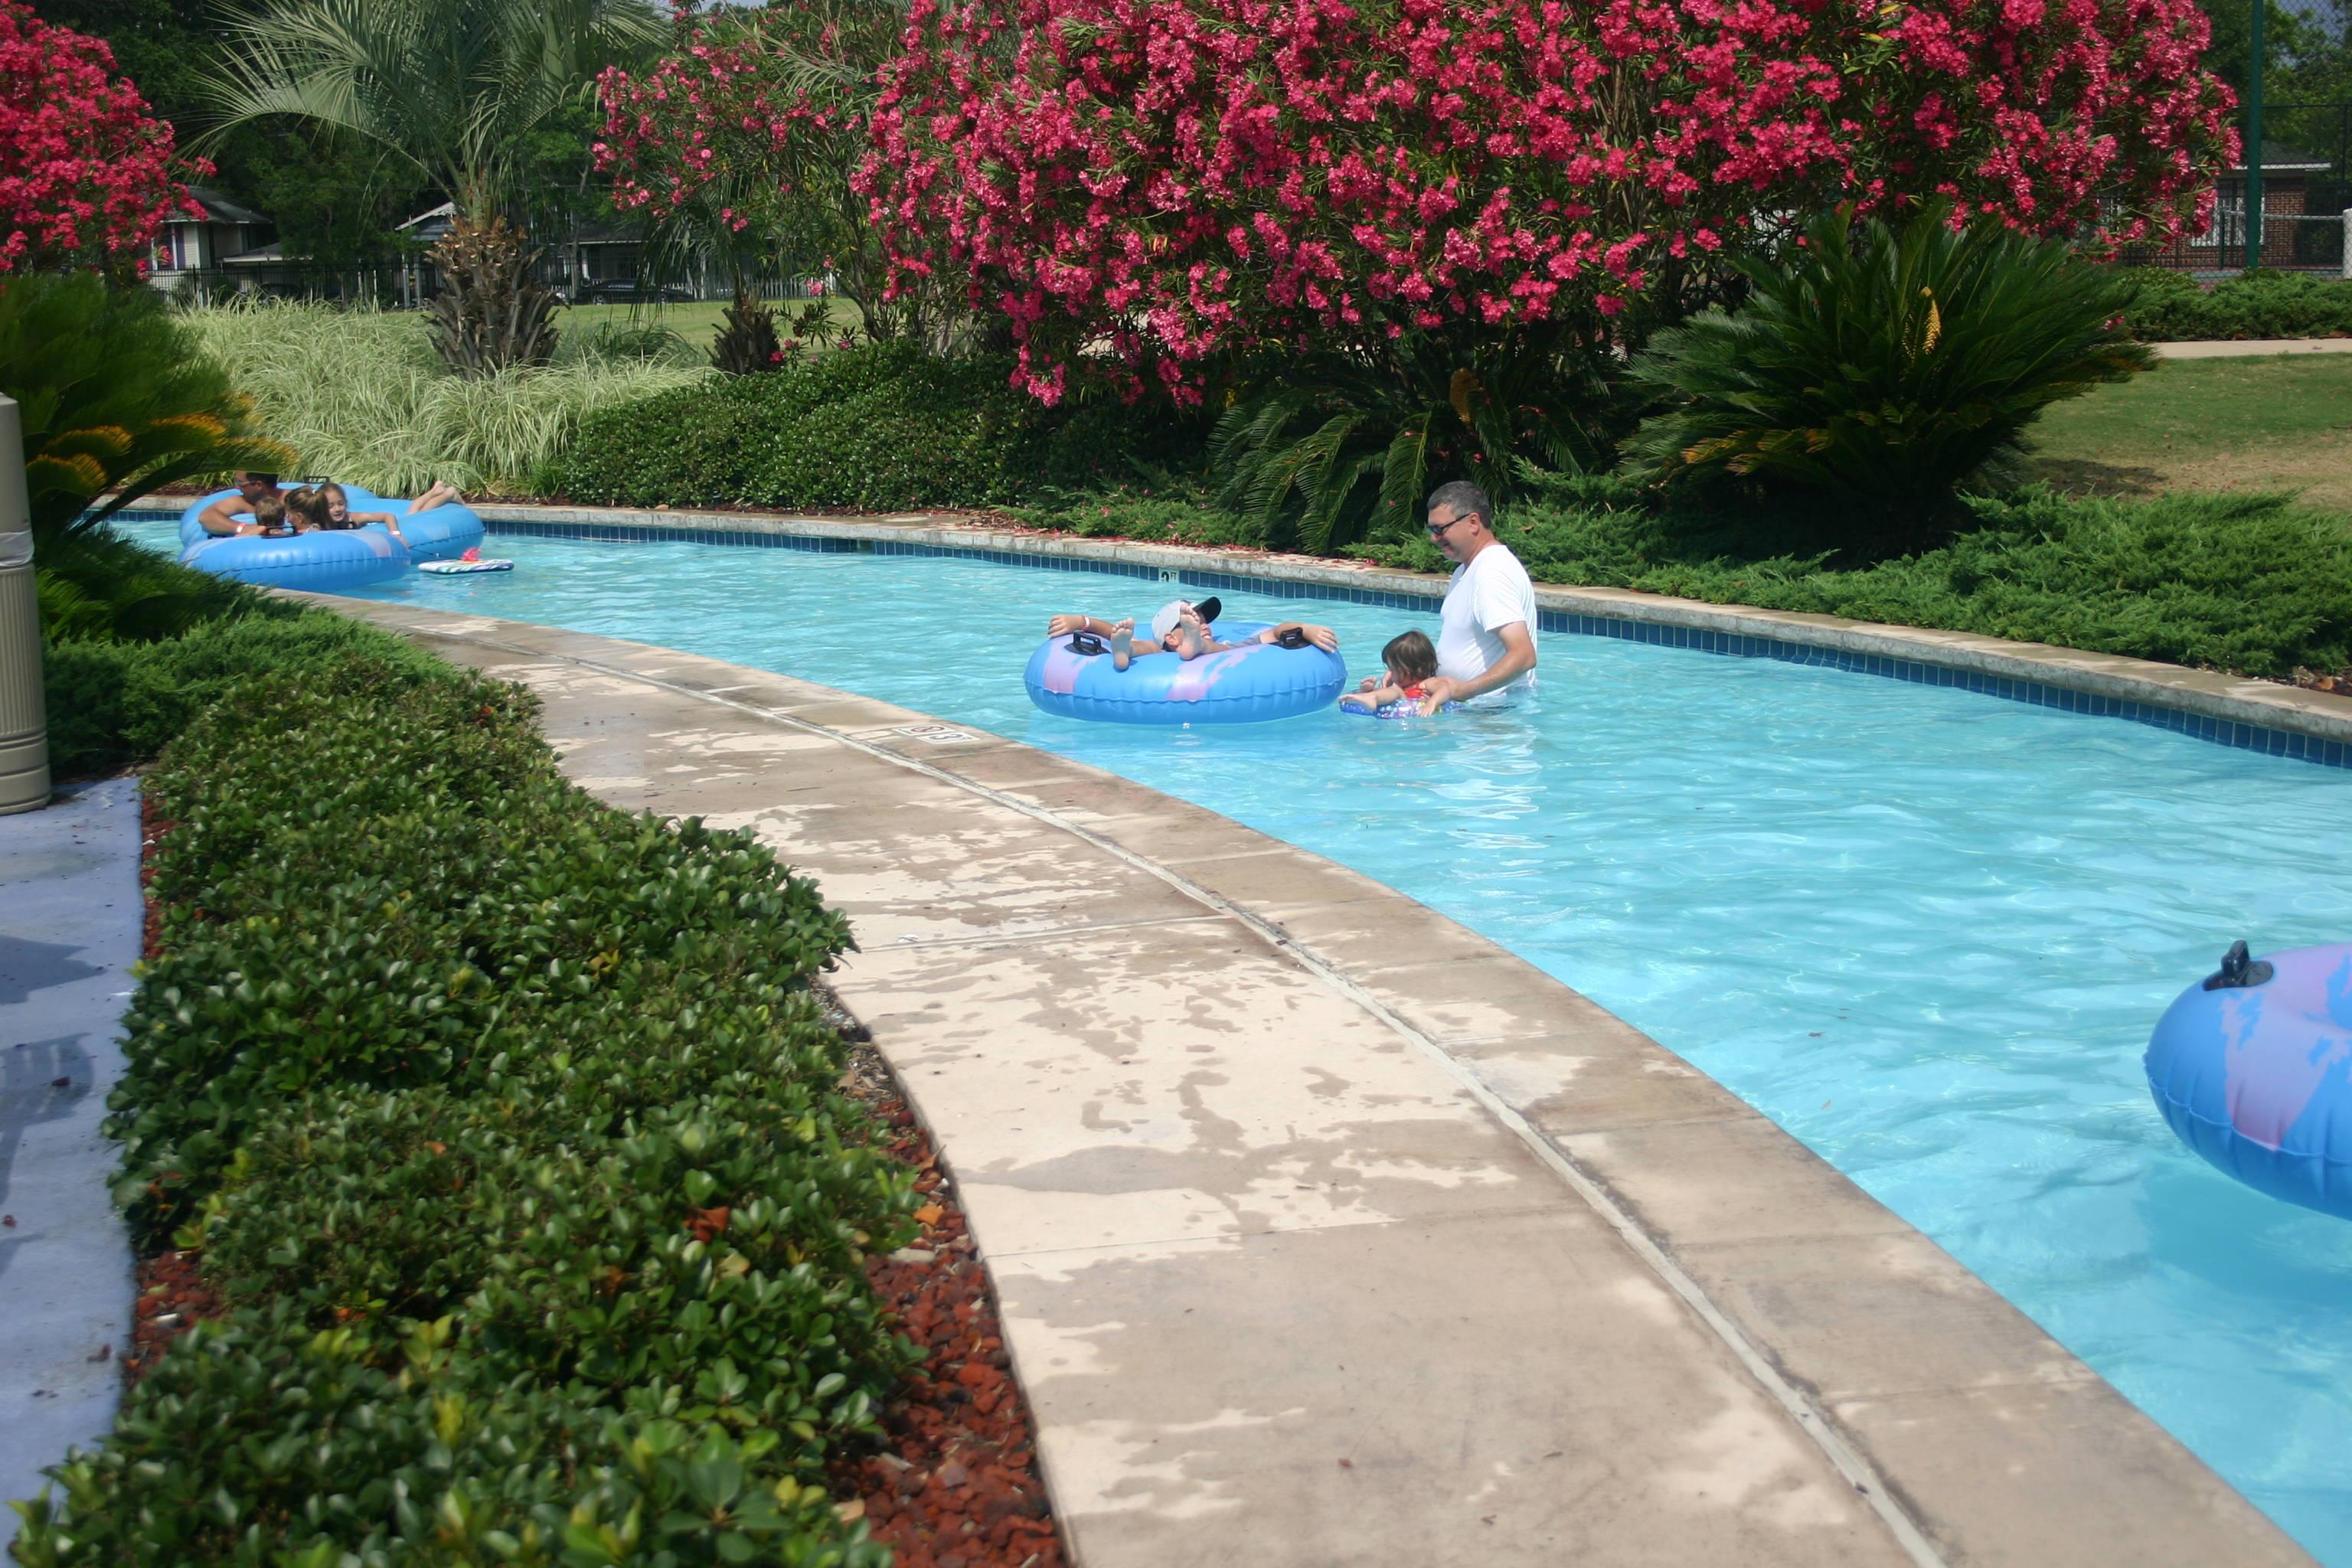 Casas con piscina en kenner metairie - Casa con piscina ...